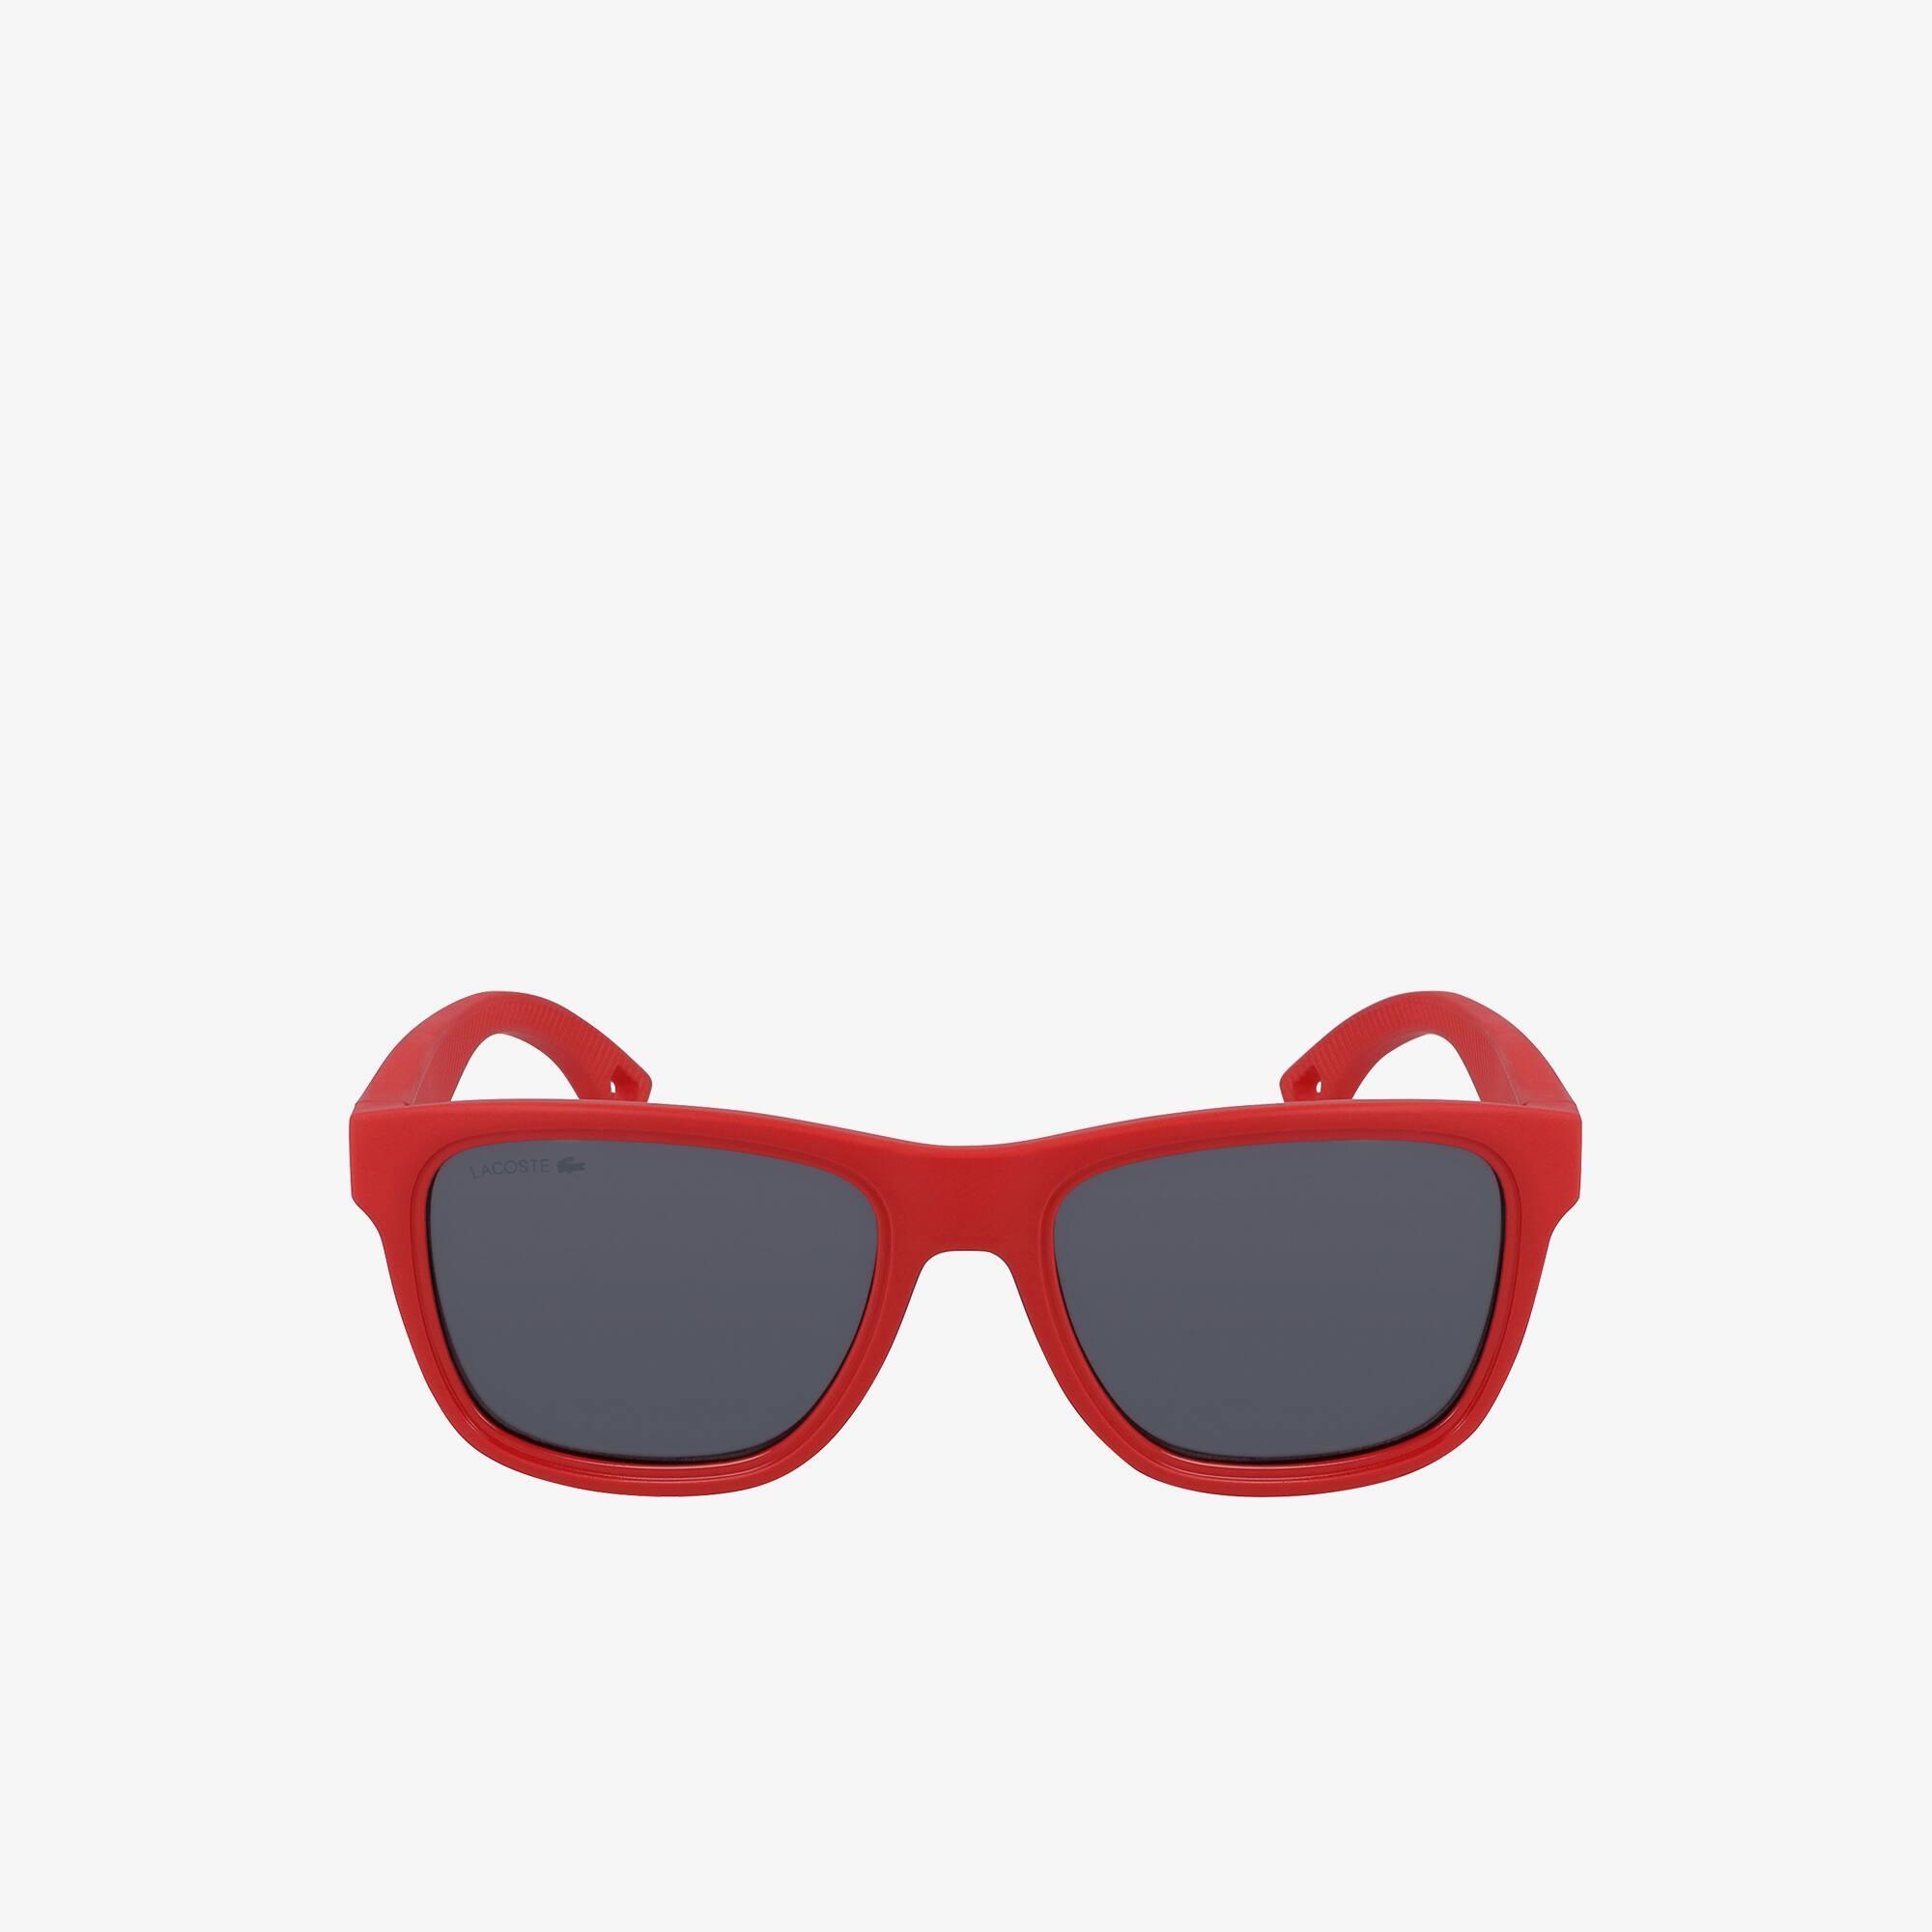 Schwimmfähige Sonnenbrille mit Kunststoffrahmen